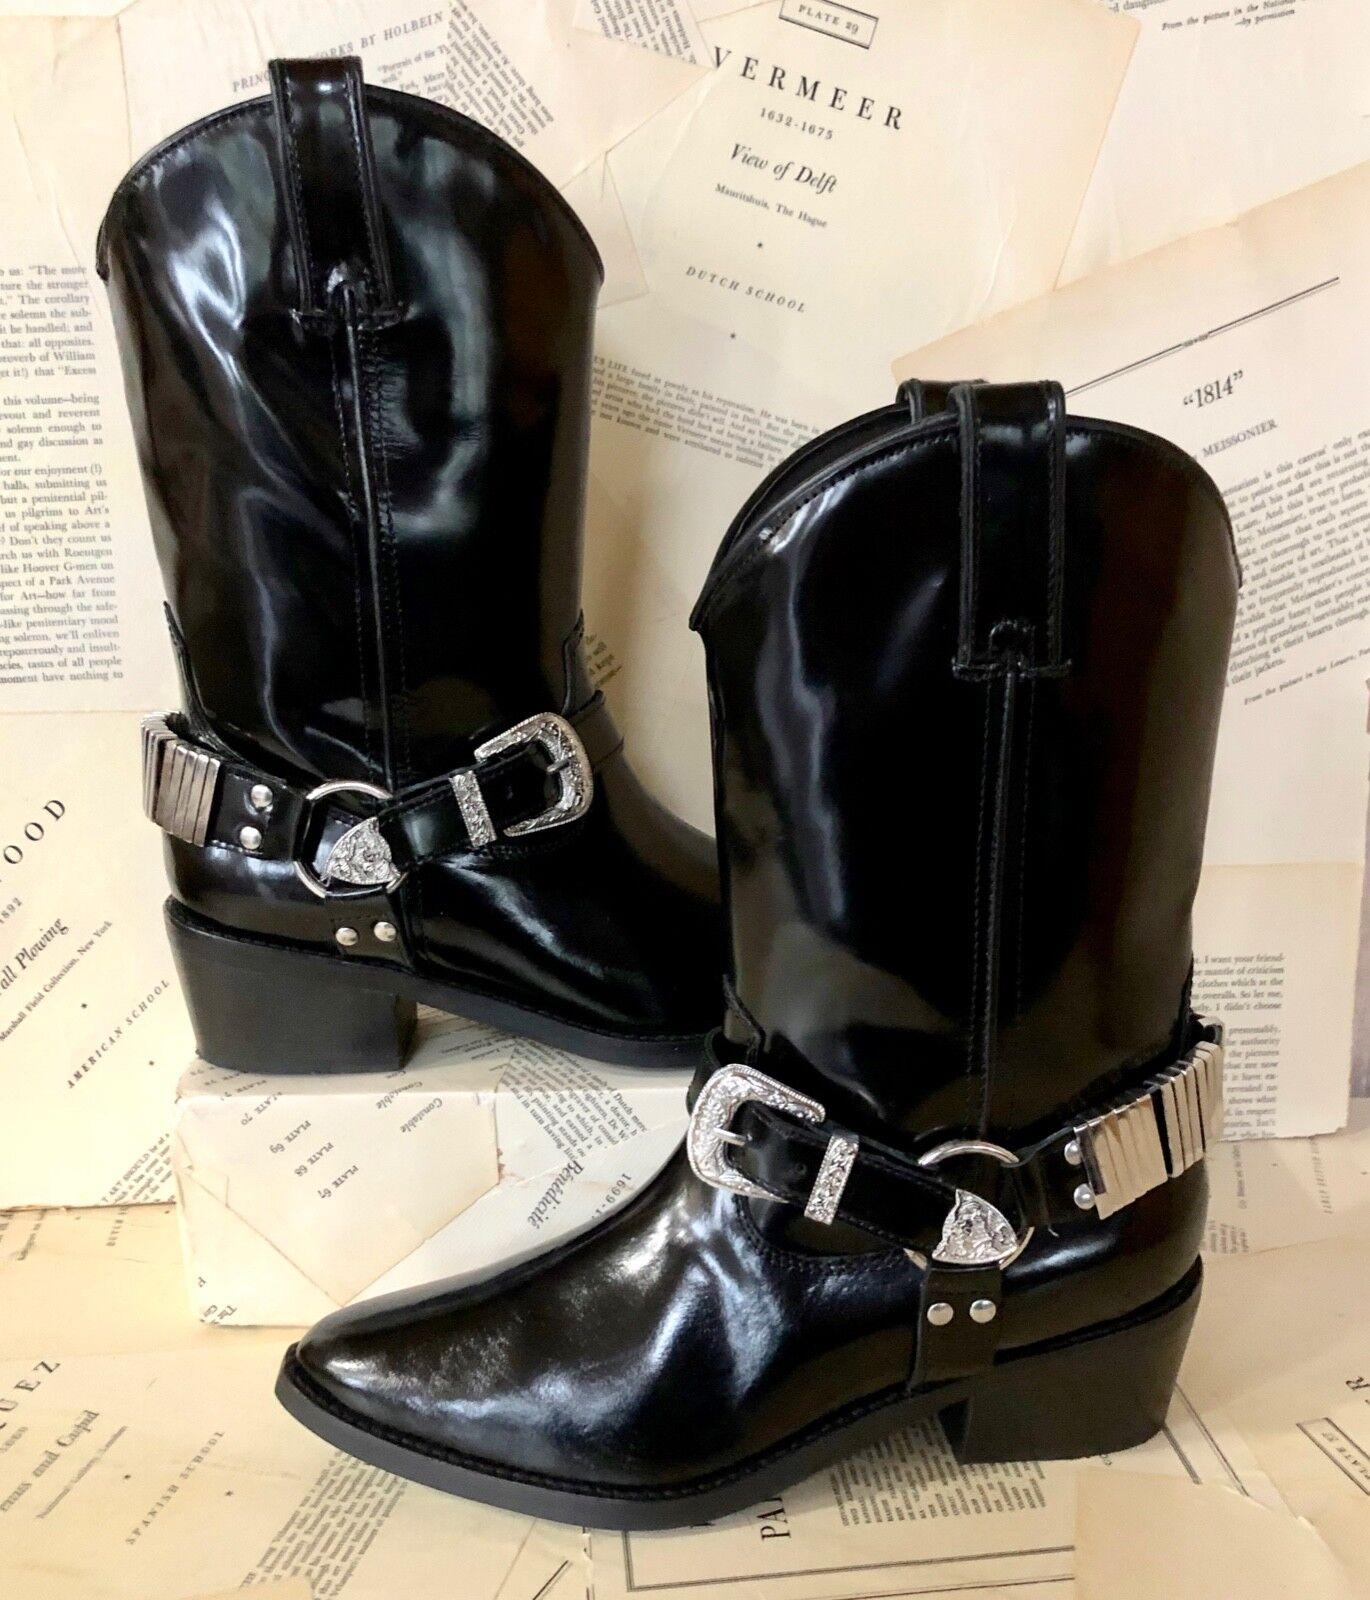 Nuevo En Caja herojoera de Brillante Negro Cuero Hebilla de acento botas de herojoera vaquero occidental de Plata 36 6 b11822